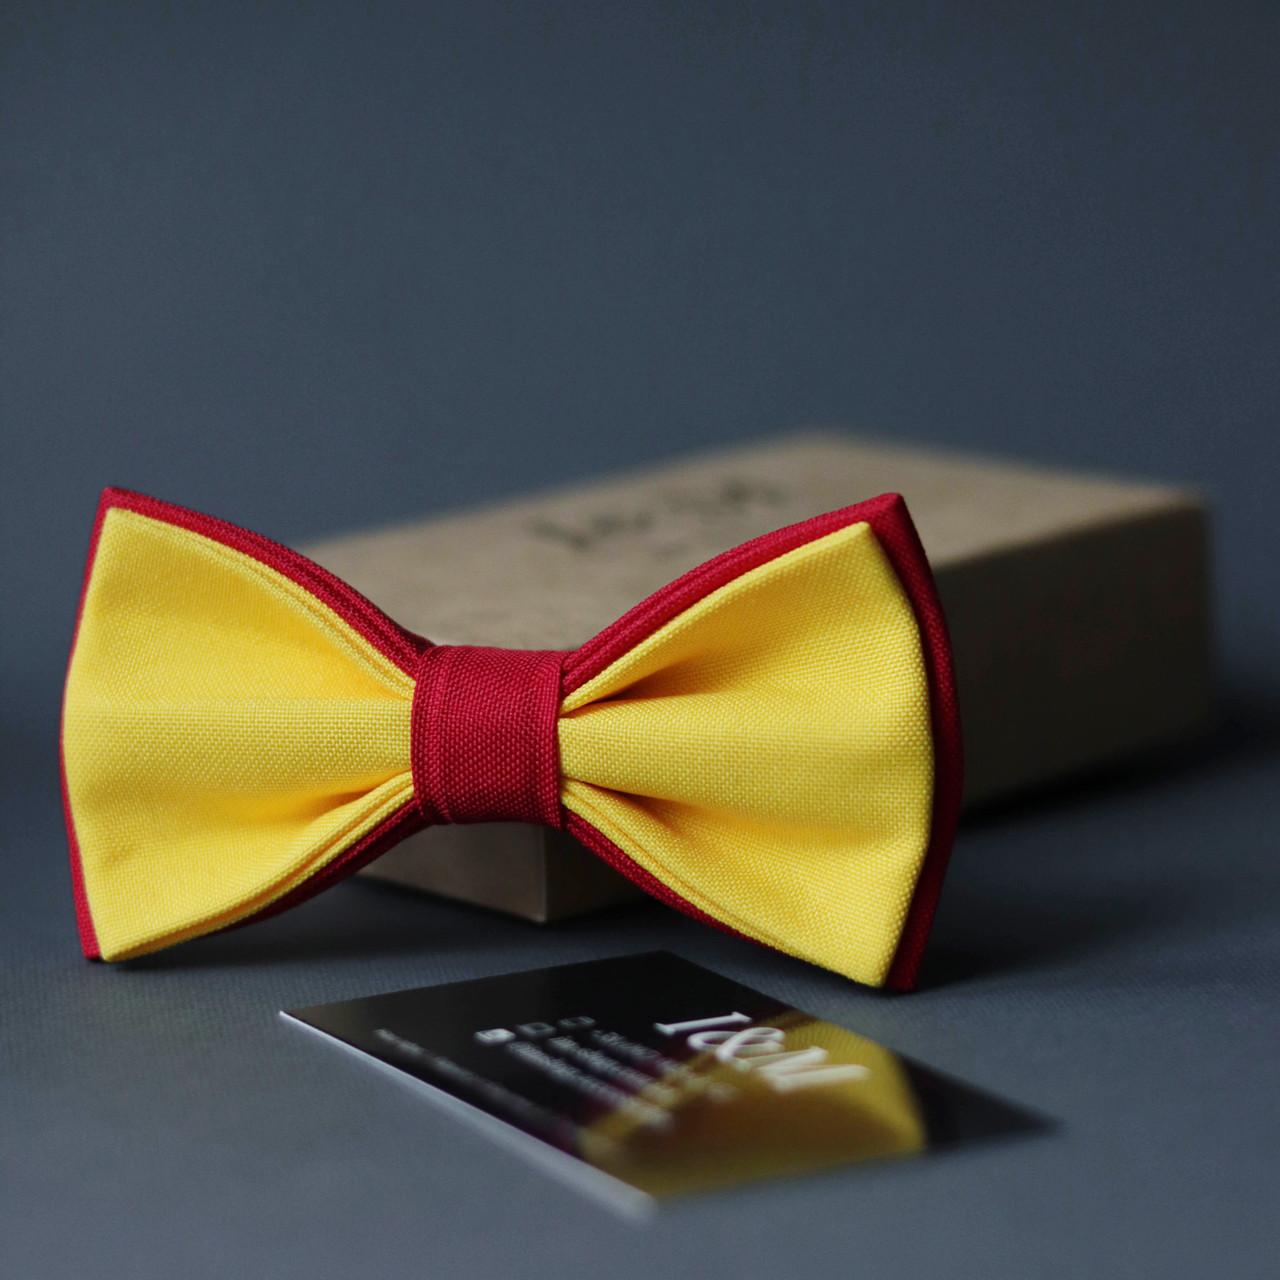 Галстук-бабочка I&M Craft двухцветный желтый с красным (010630)